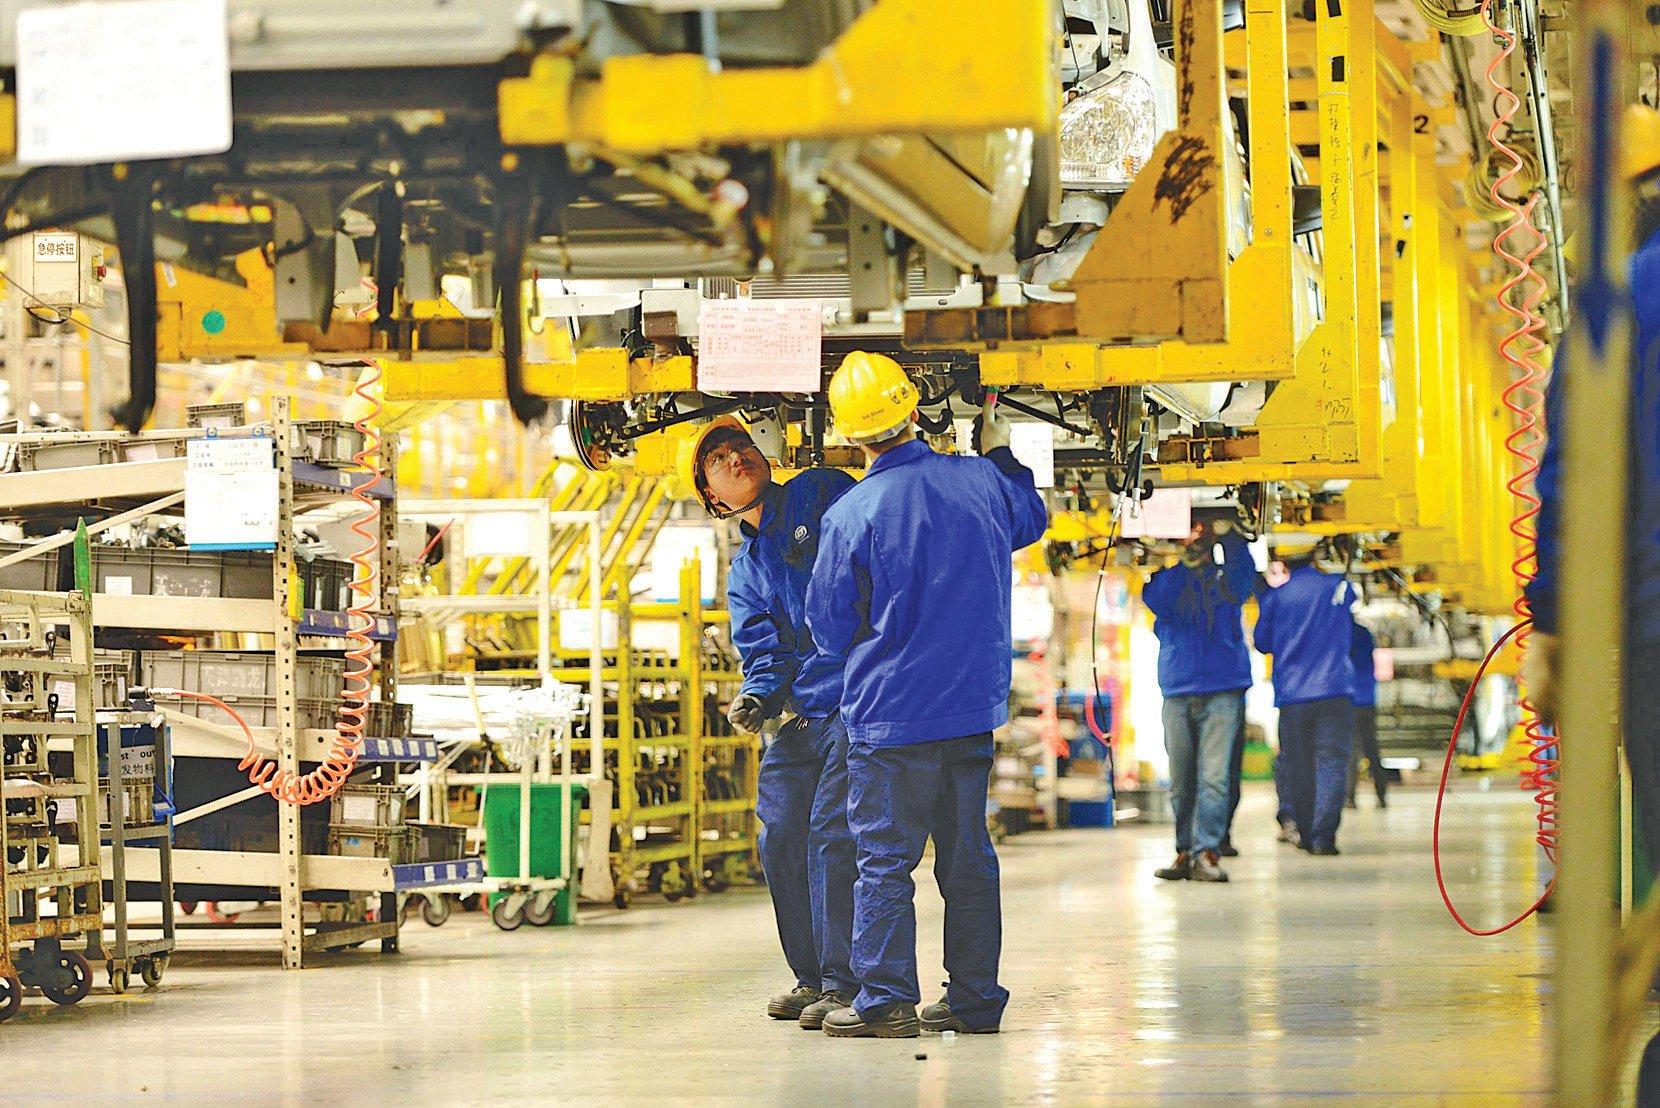 上汽通用五菱汽車股份有限公司青島分公司內的生產車間。 (AFP/Getty Images)